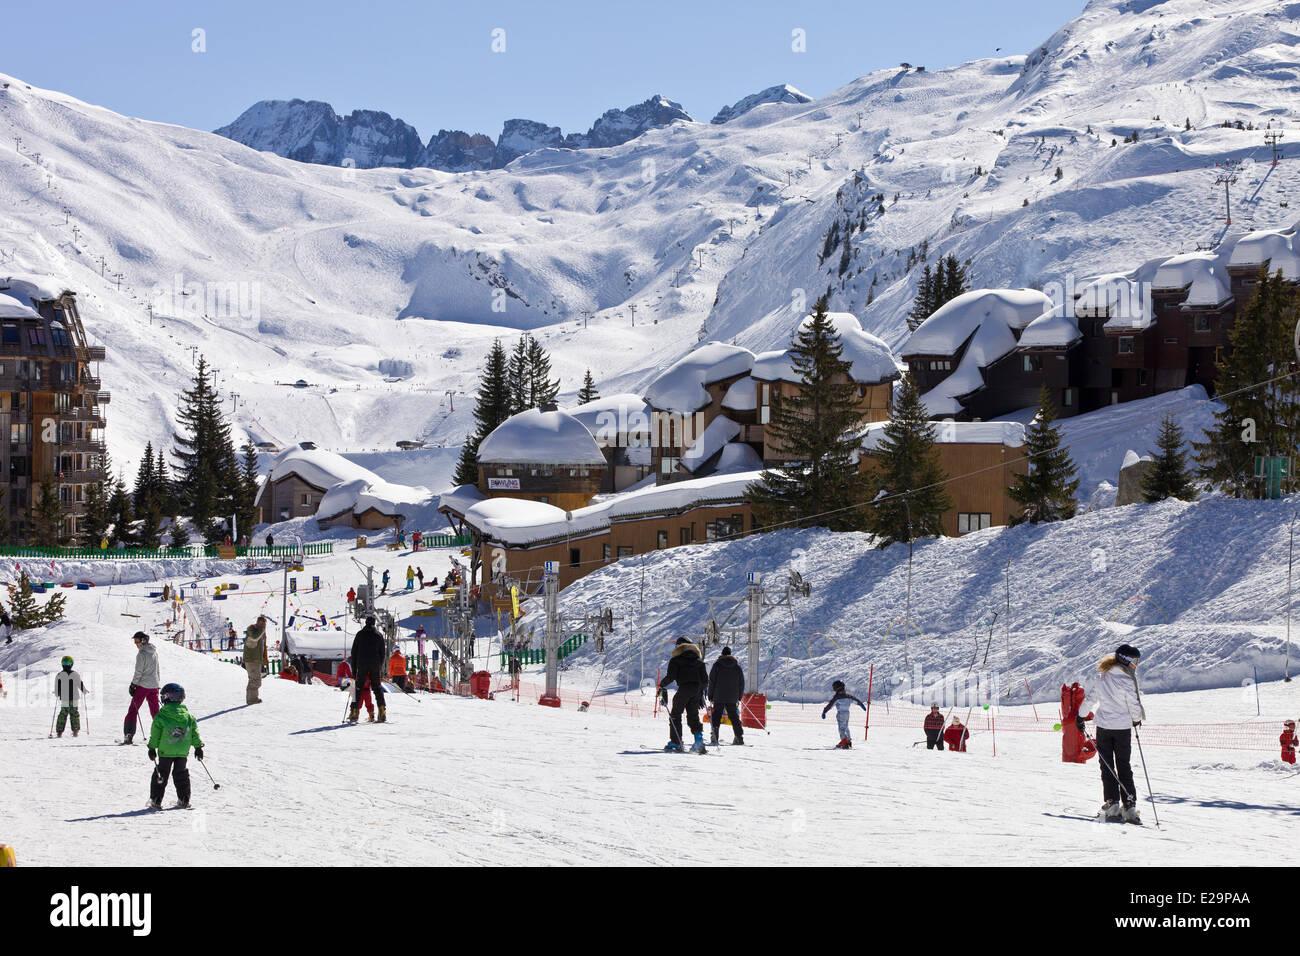 France, Haute Savoie, Avoriaz, interdit aux véhicules, ce qui permet se déplace en traîneau Photo Stock